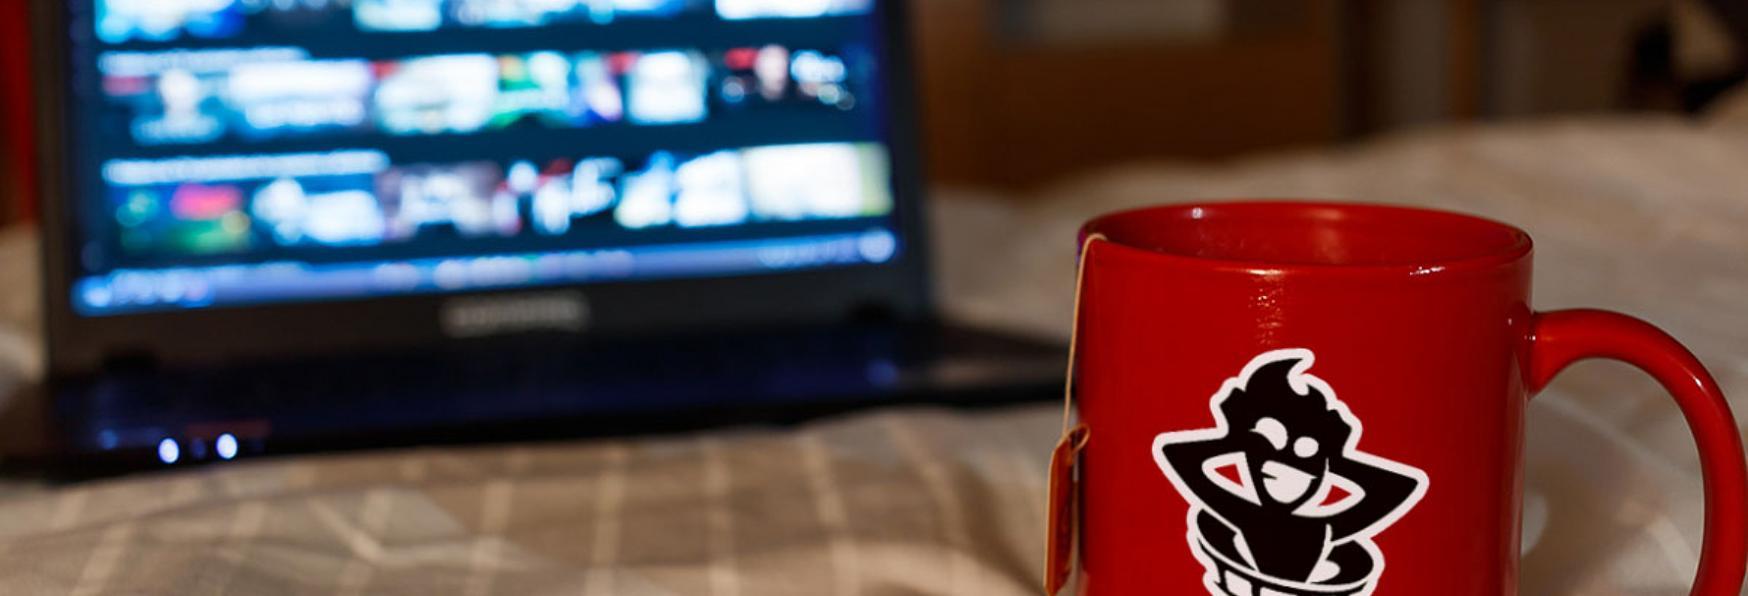 Serie TV Rinnovate, Cancellate o in Cancellazione - La Lista Completa e Aggiornata